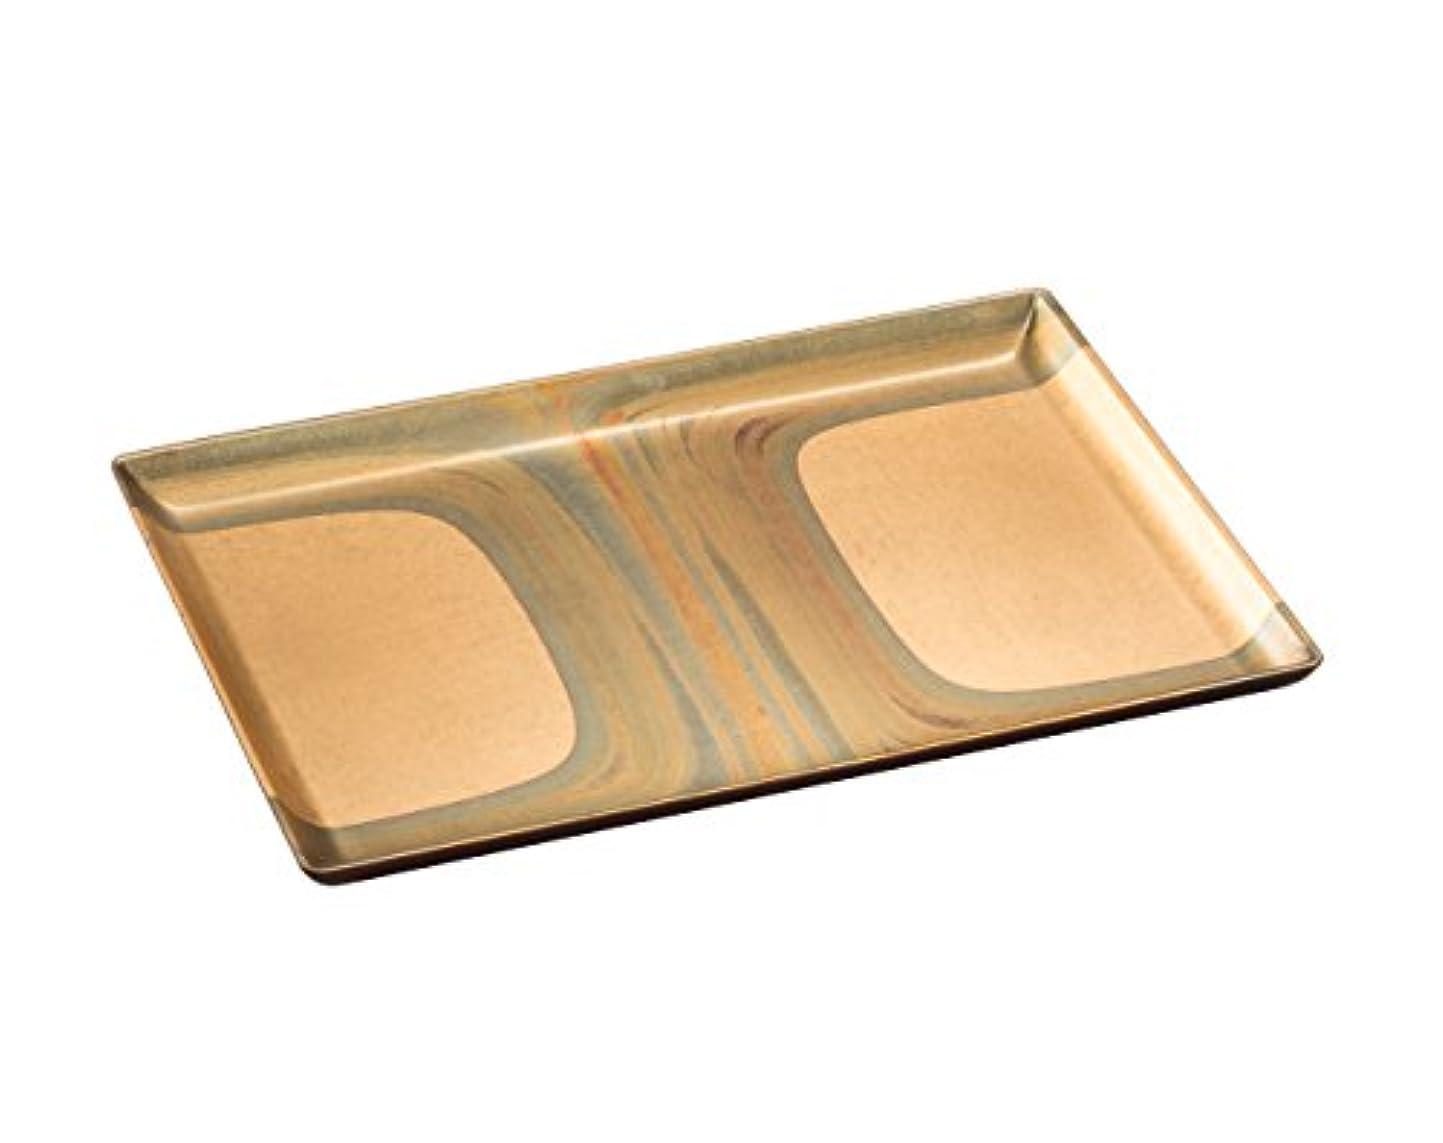 ハブブ復活させる会議箔一 盆 ゴールド 195×135×15mm 古代箔 お好み盆 A131-02002